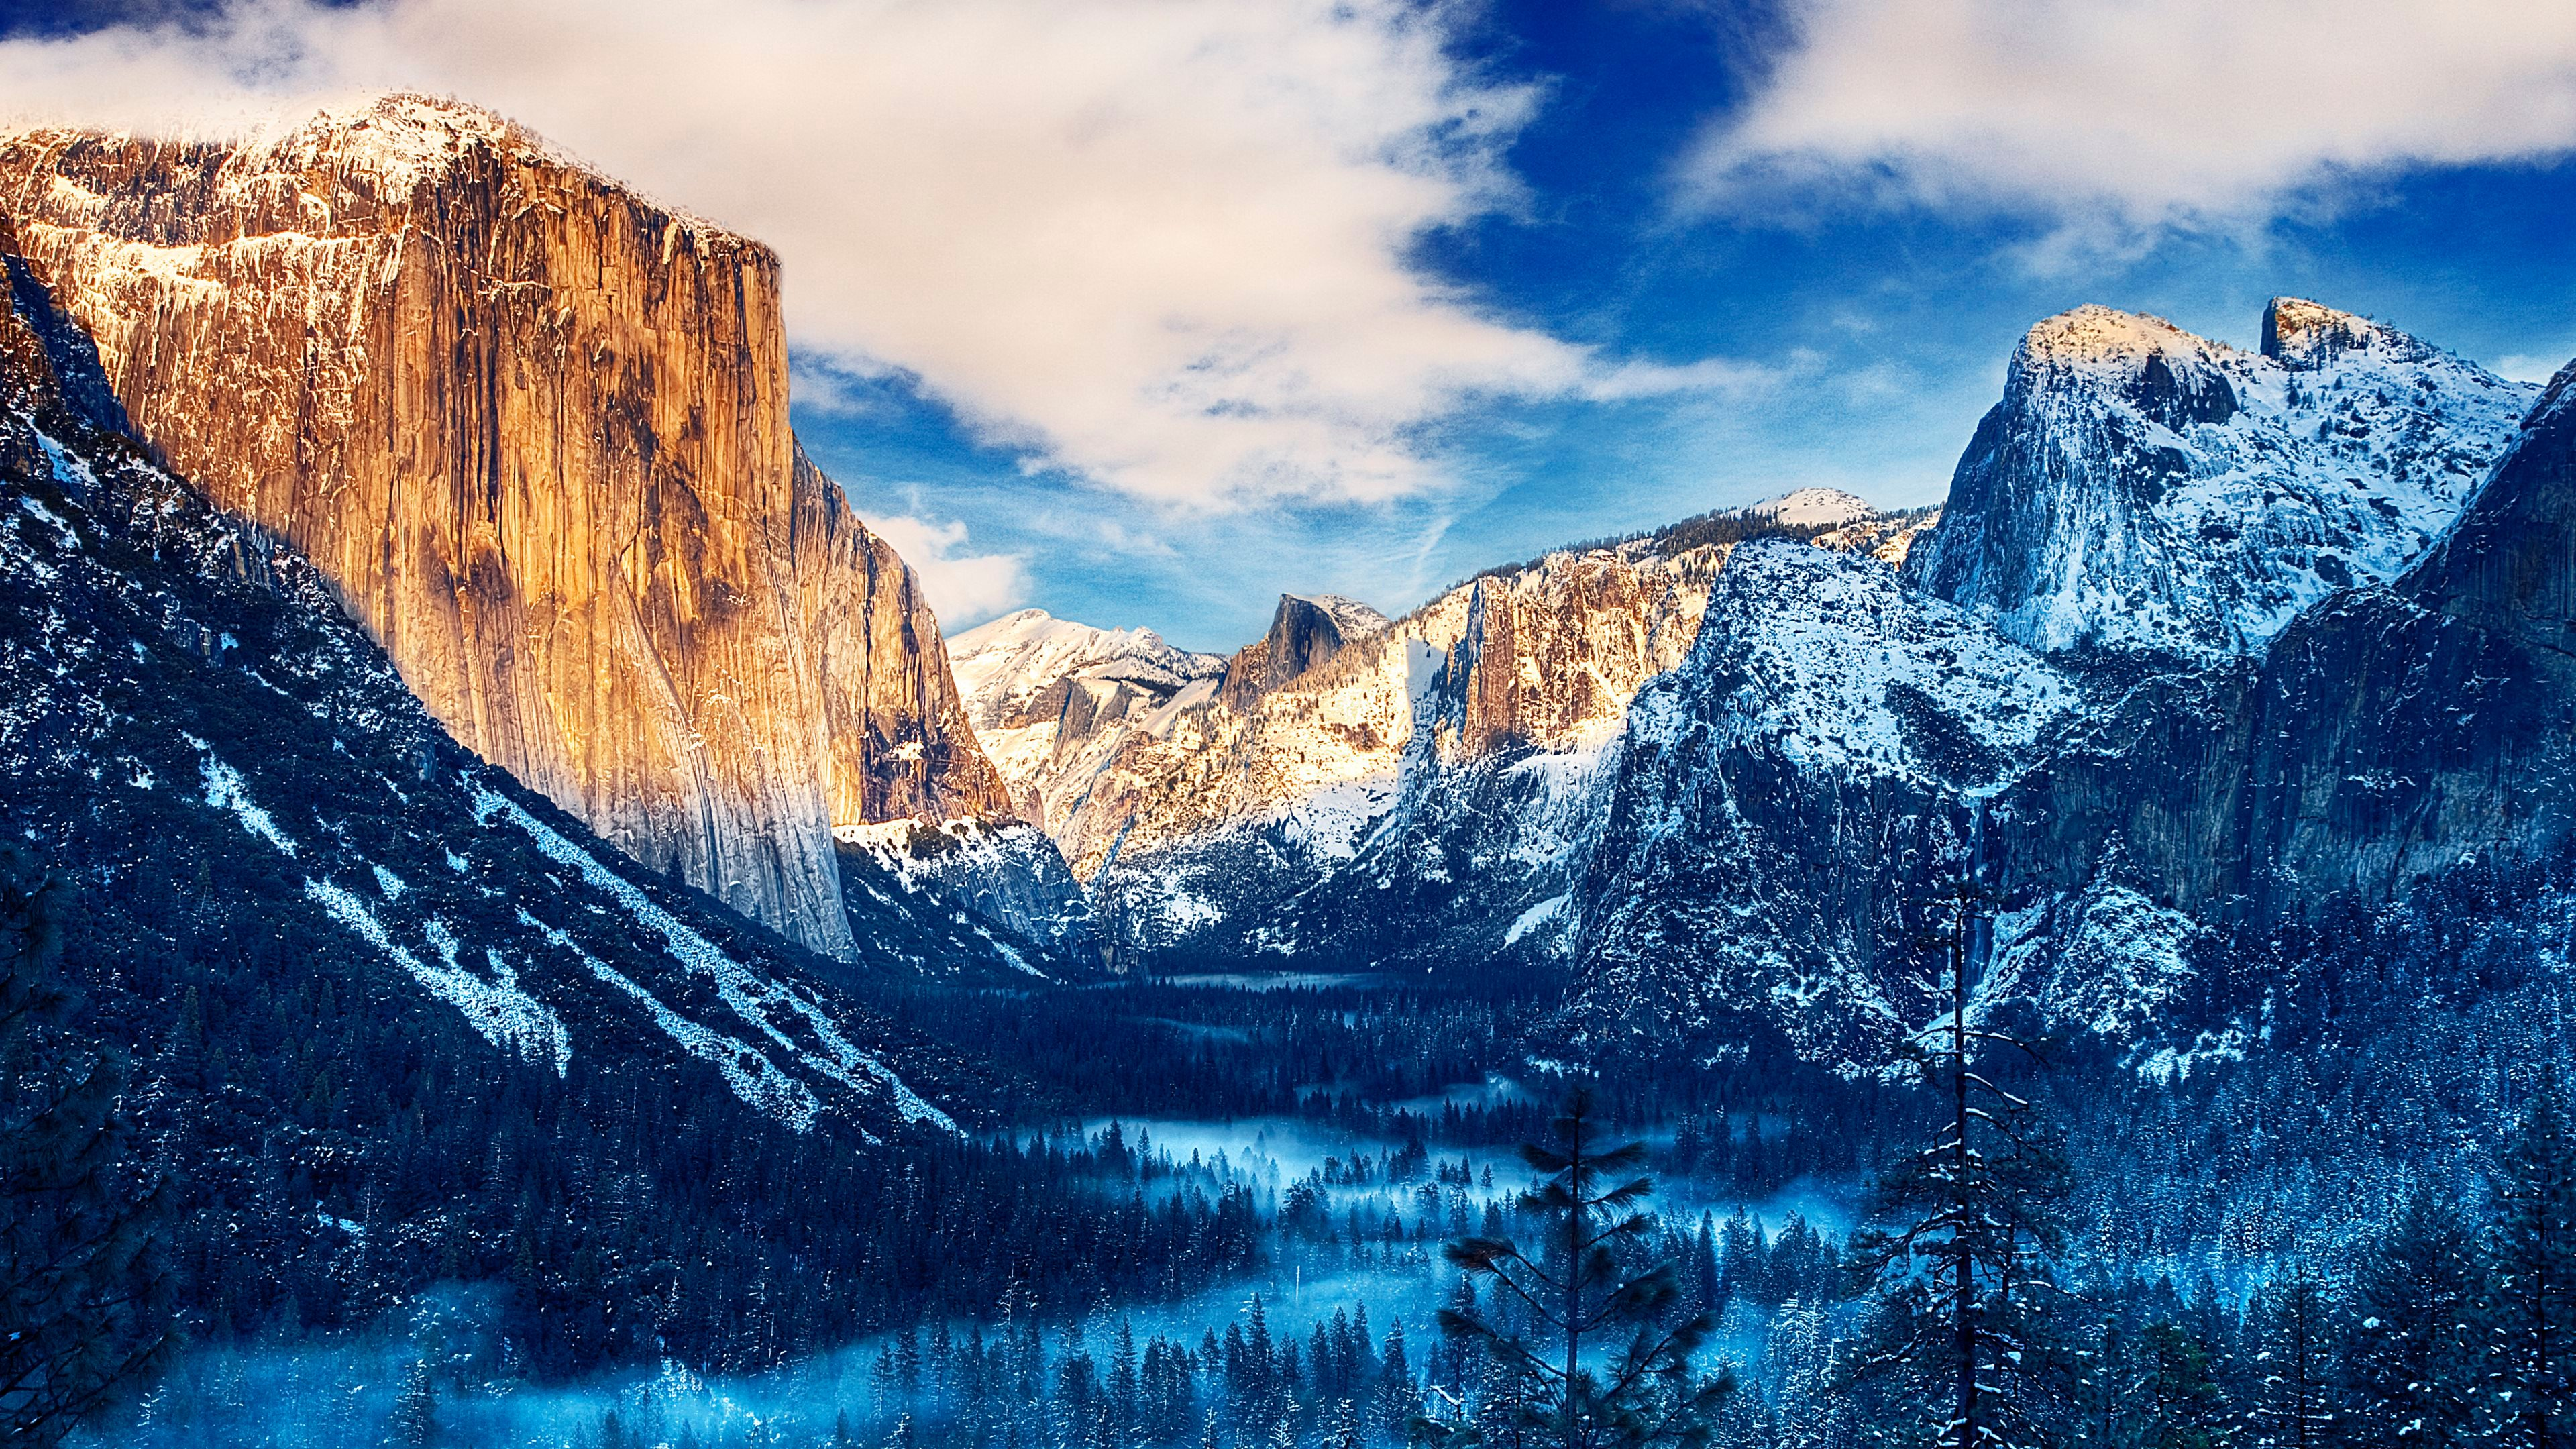 Snow Sunset 4K Ultra HD Desktop Wallpaper Uploaded by DesktopWalls 3840x2160